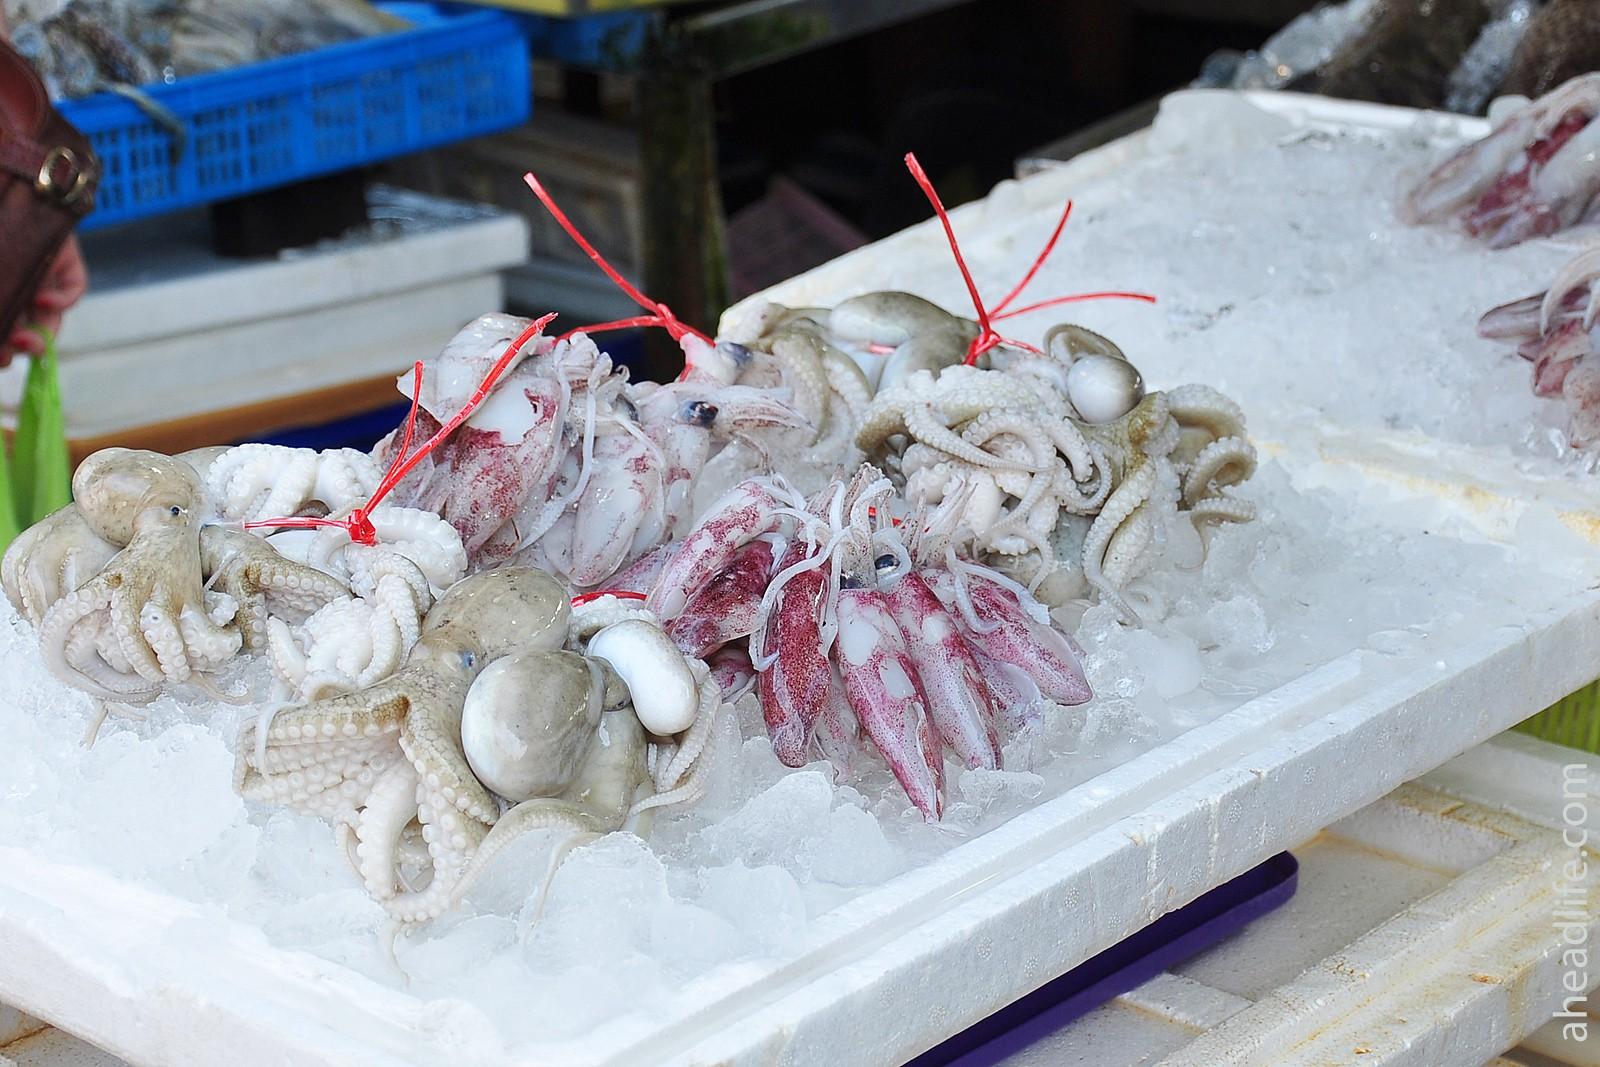 Кальмары и осьминоги на рыбном рынке Раваи